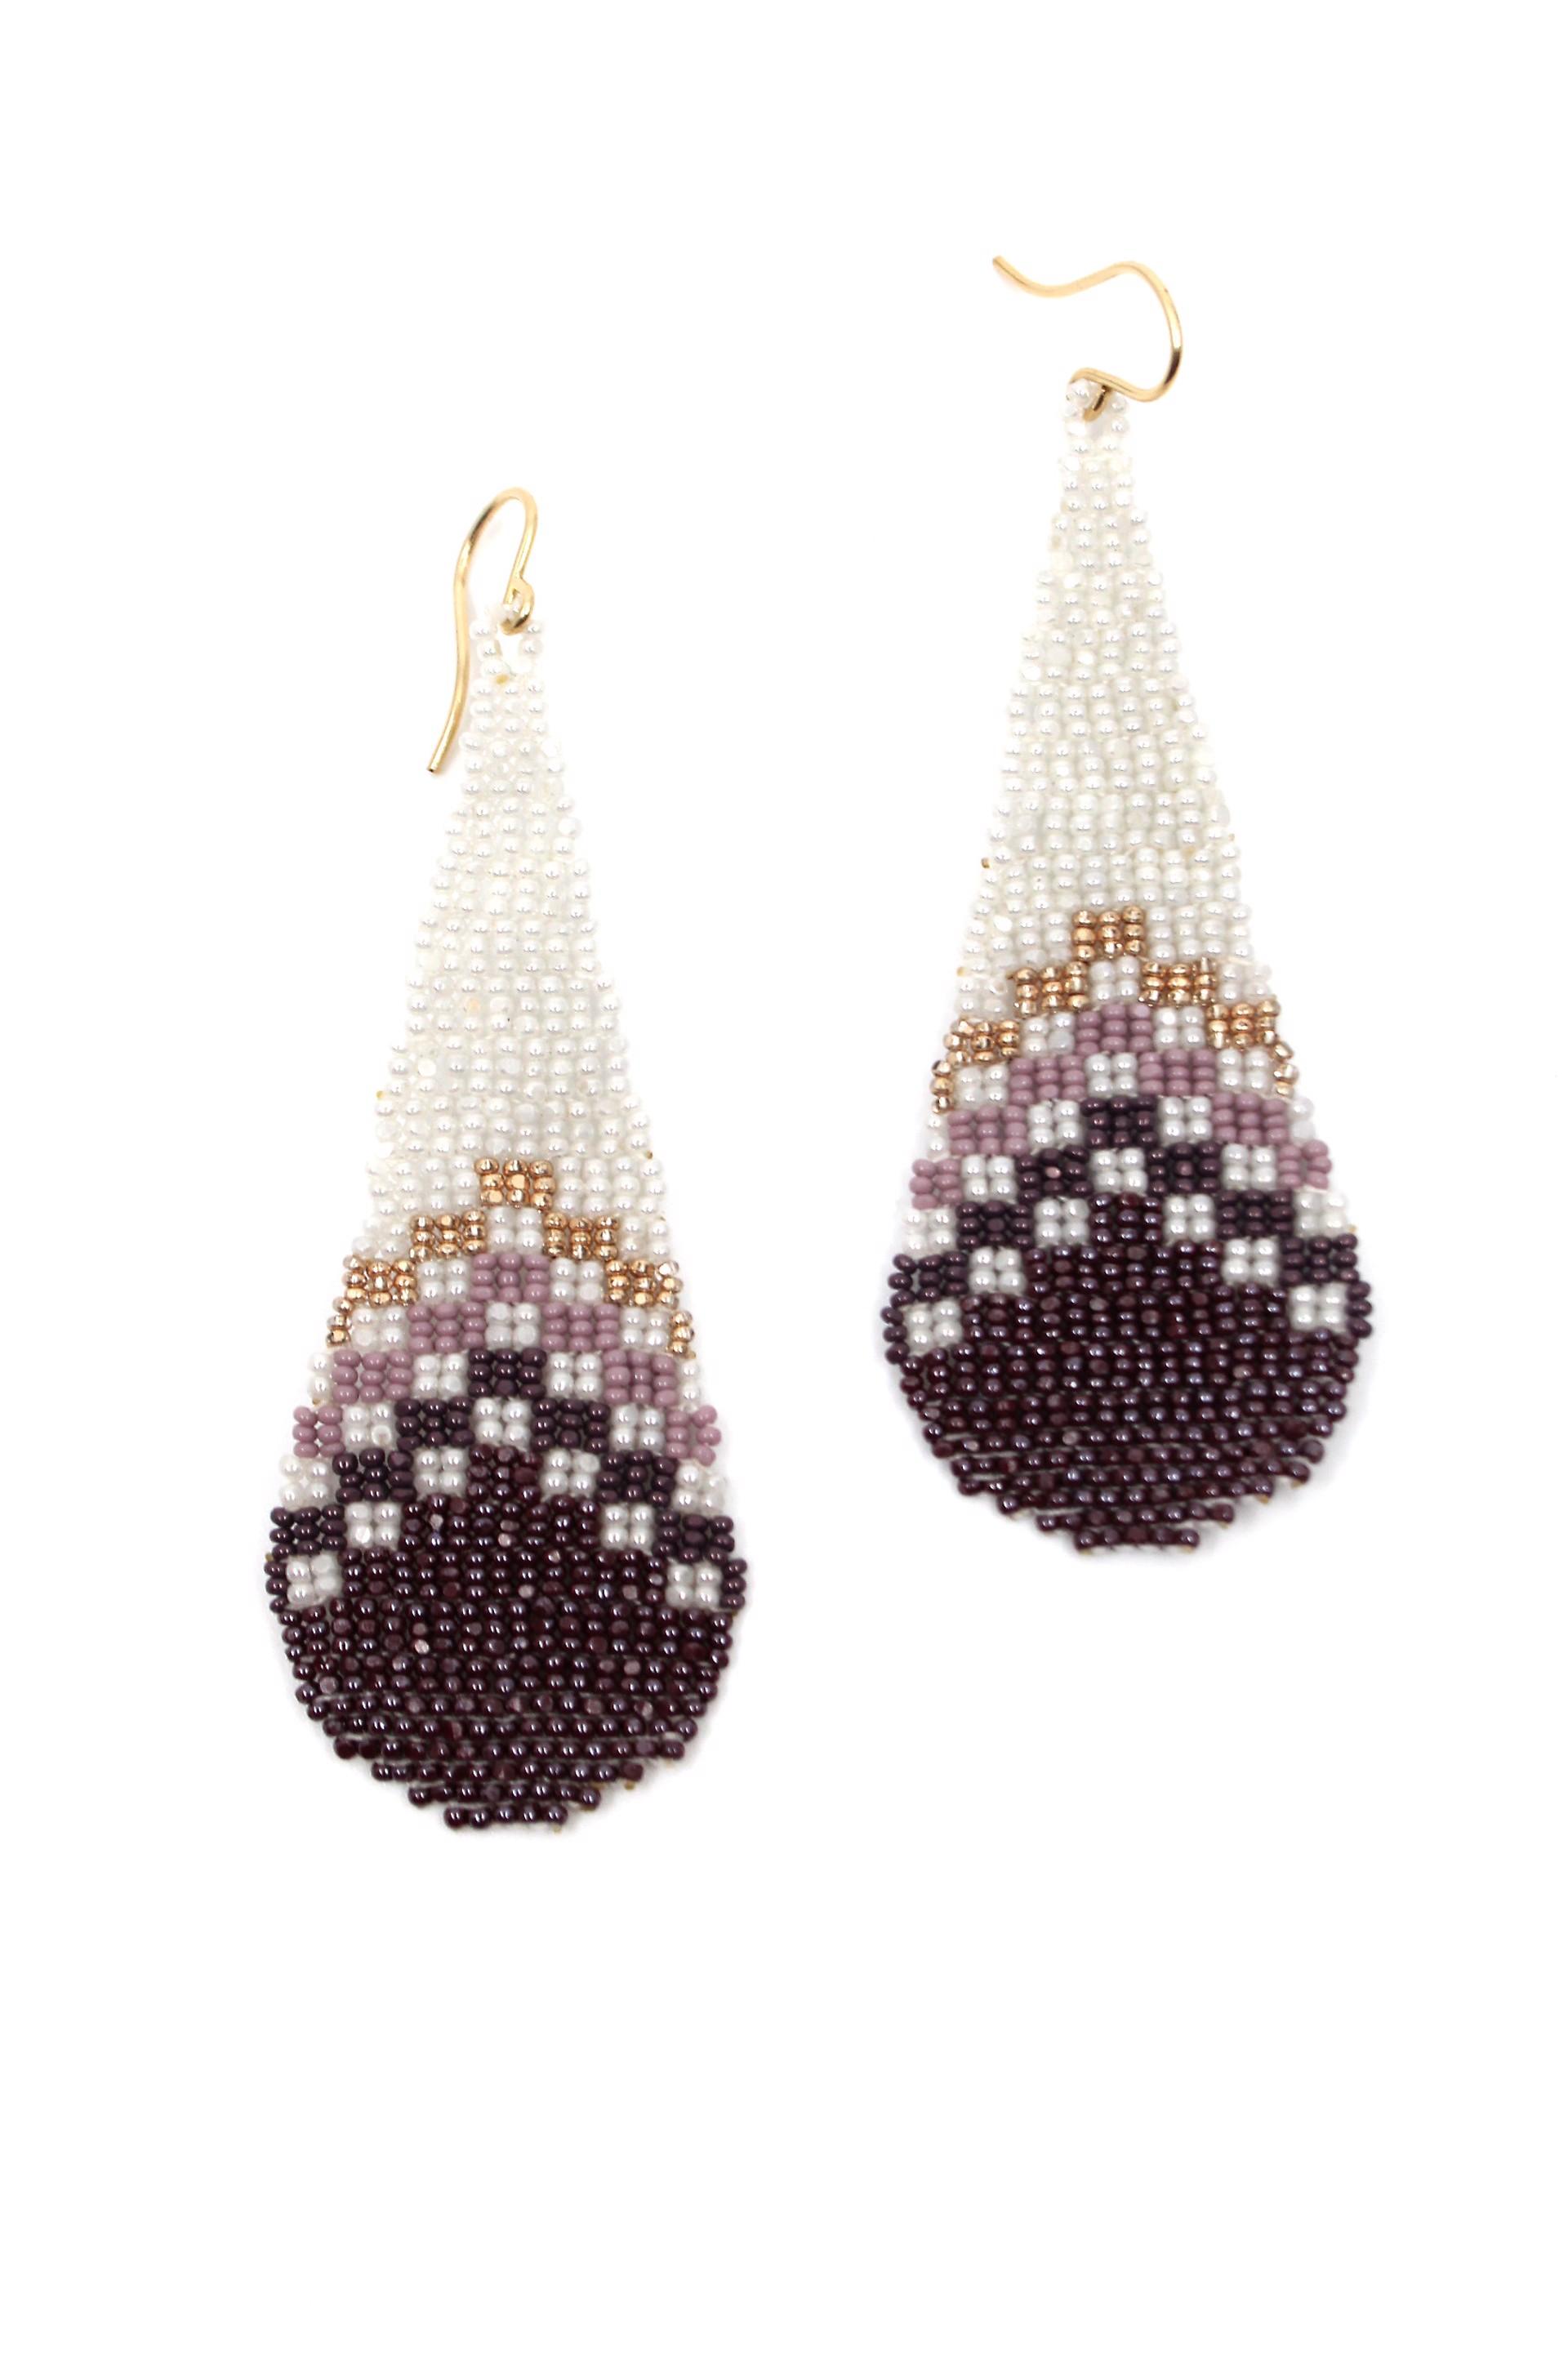 Pearl and Purple Tear Drop Earrings by Mikayla Patton